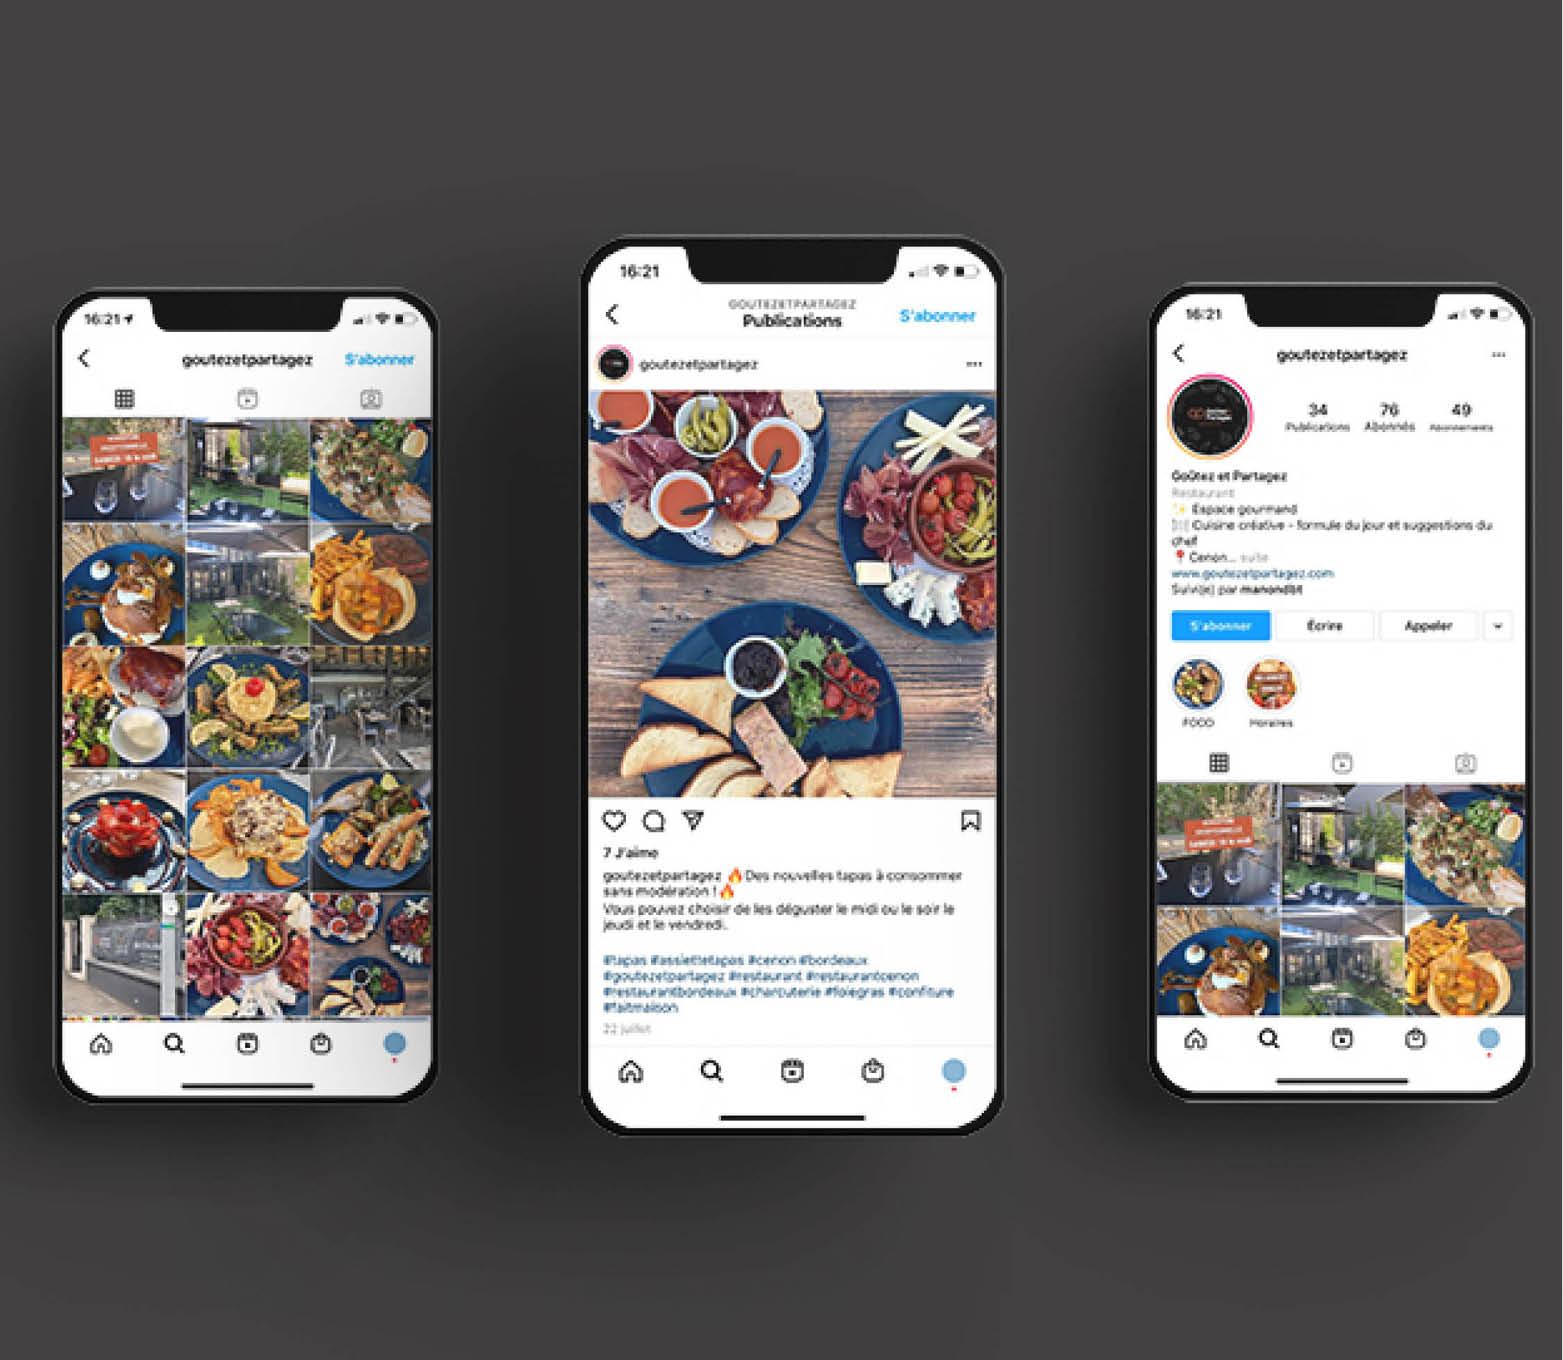 instagram Goûtez Partagez restaurant brasserie cenon proche bordeaux